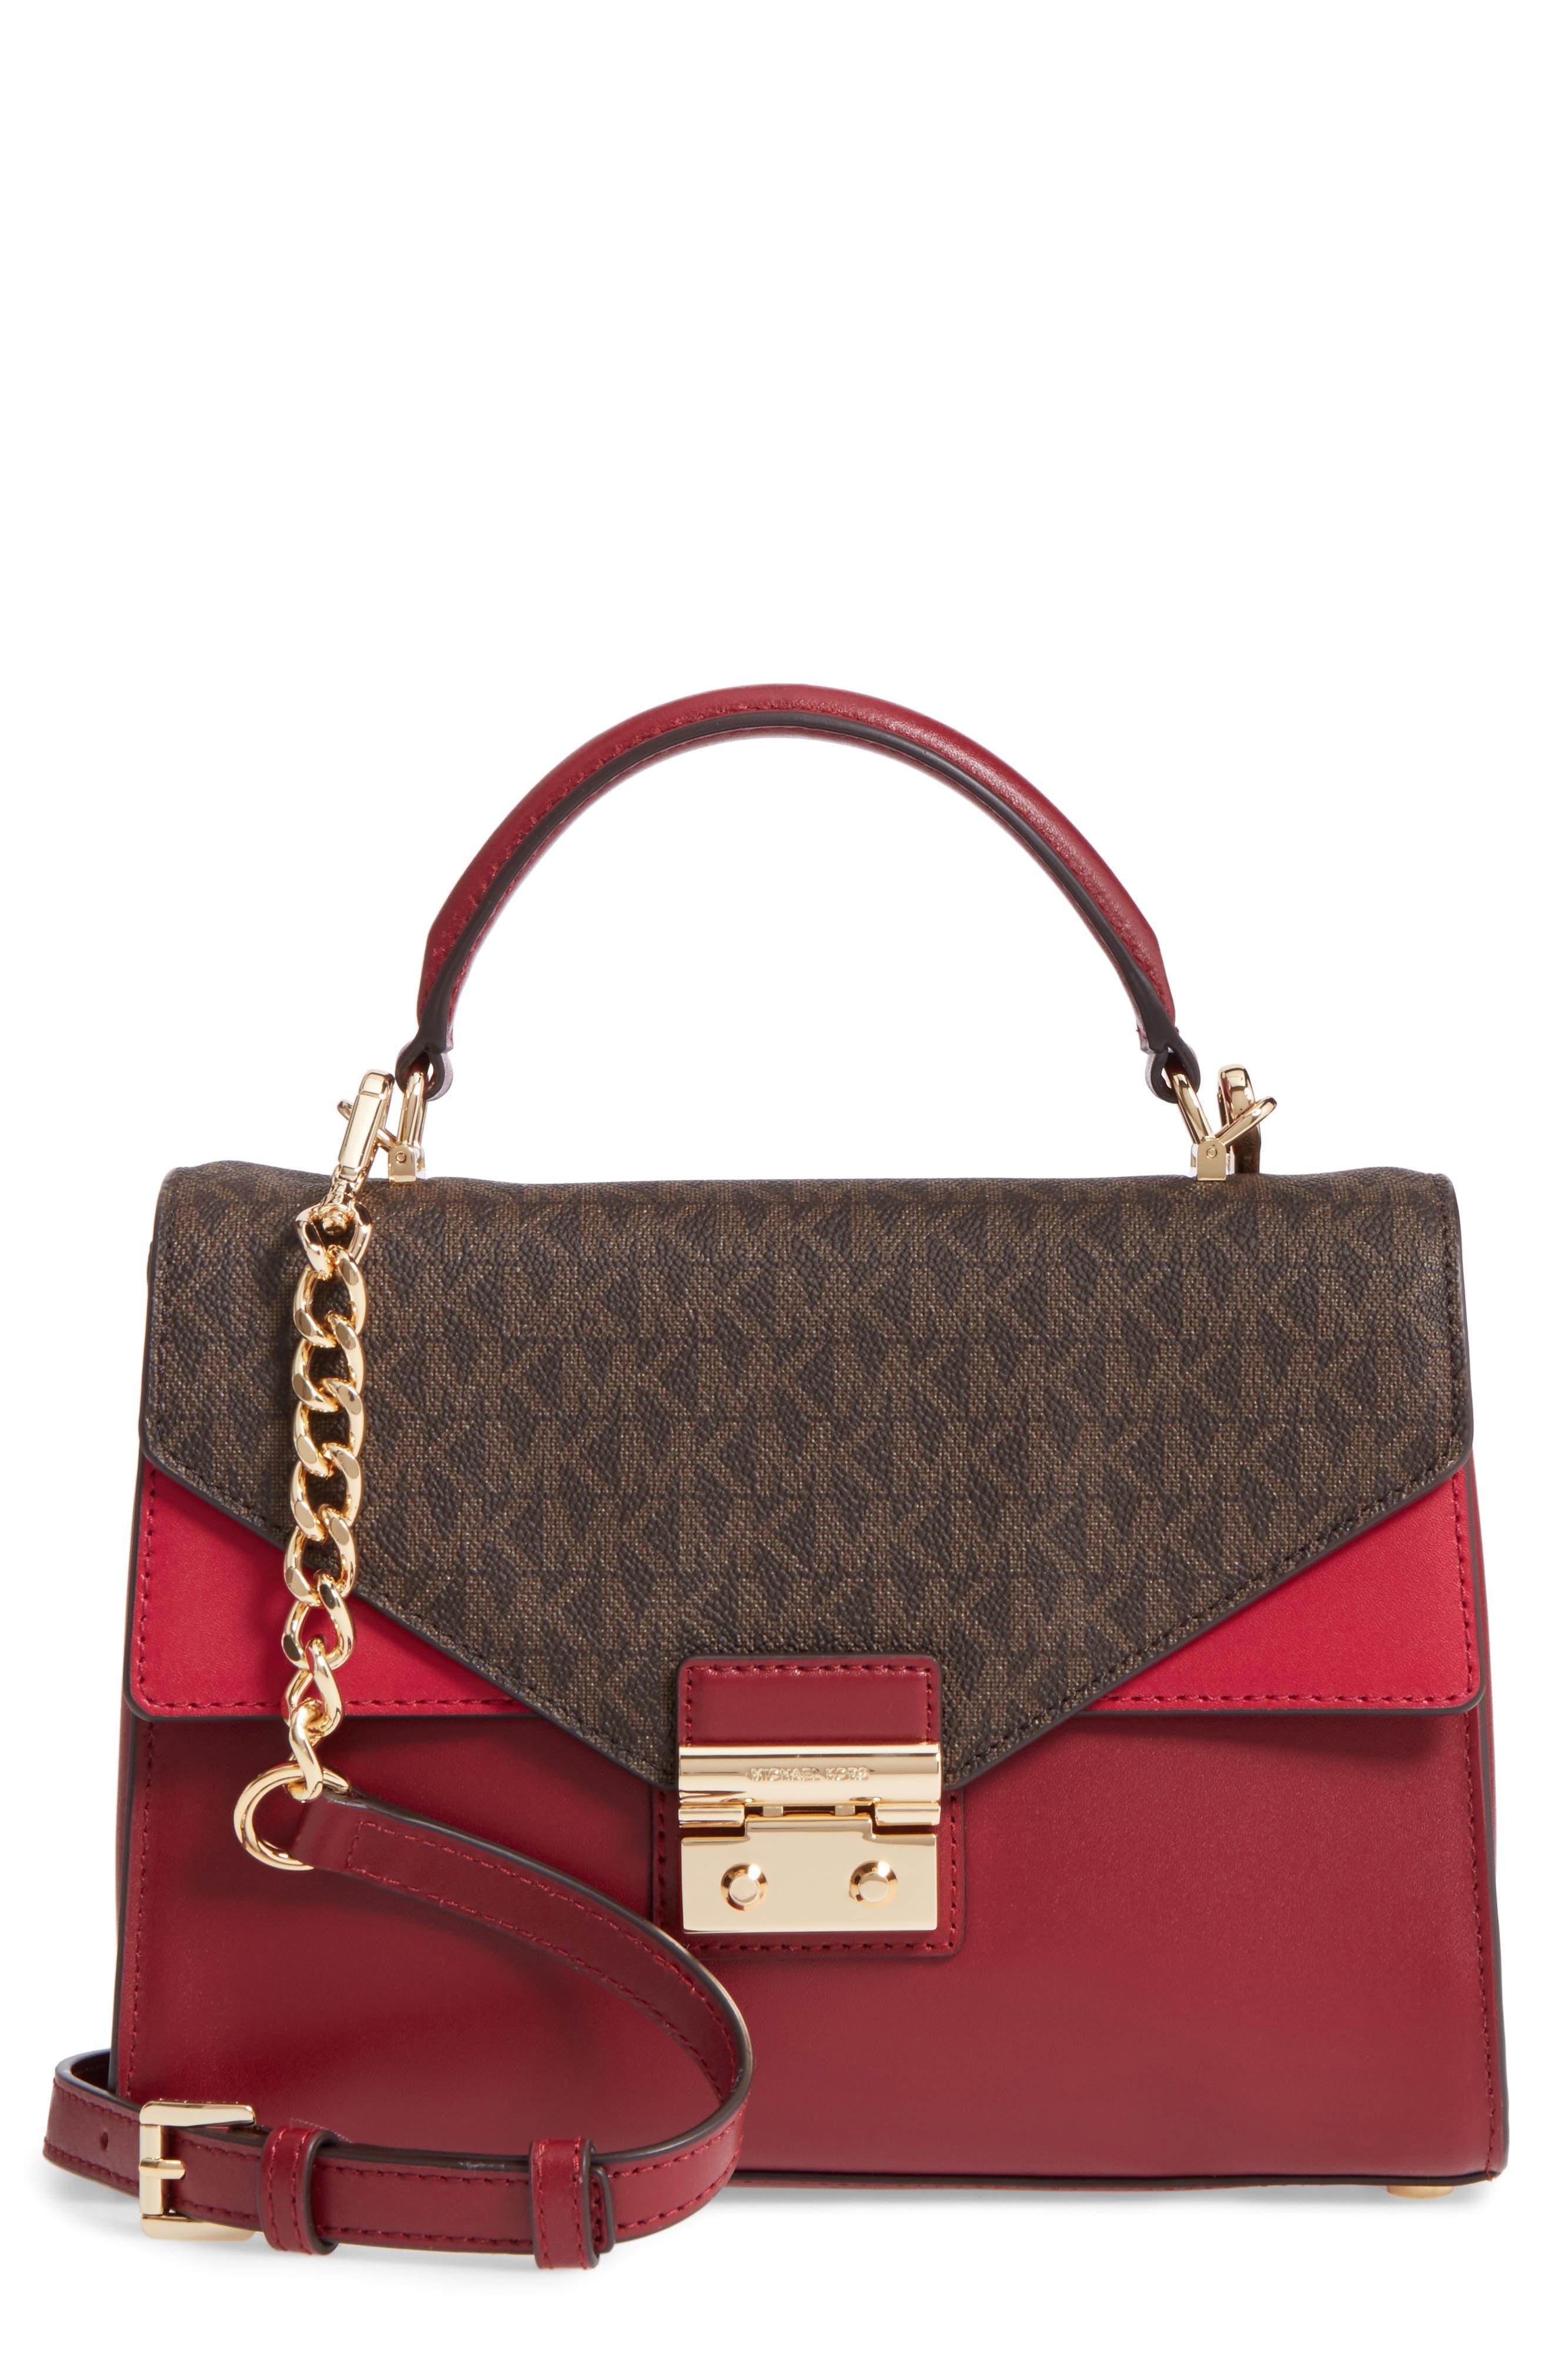 MICHAEL MICHAEL KORS Medium Sloan Leather Top Handle Bag